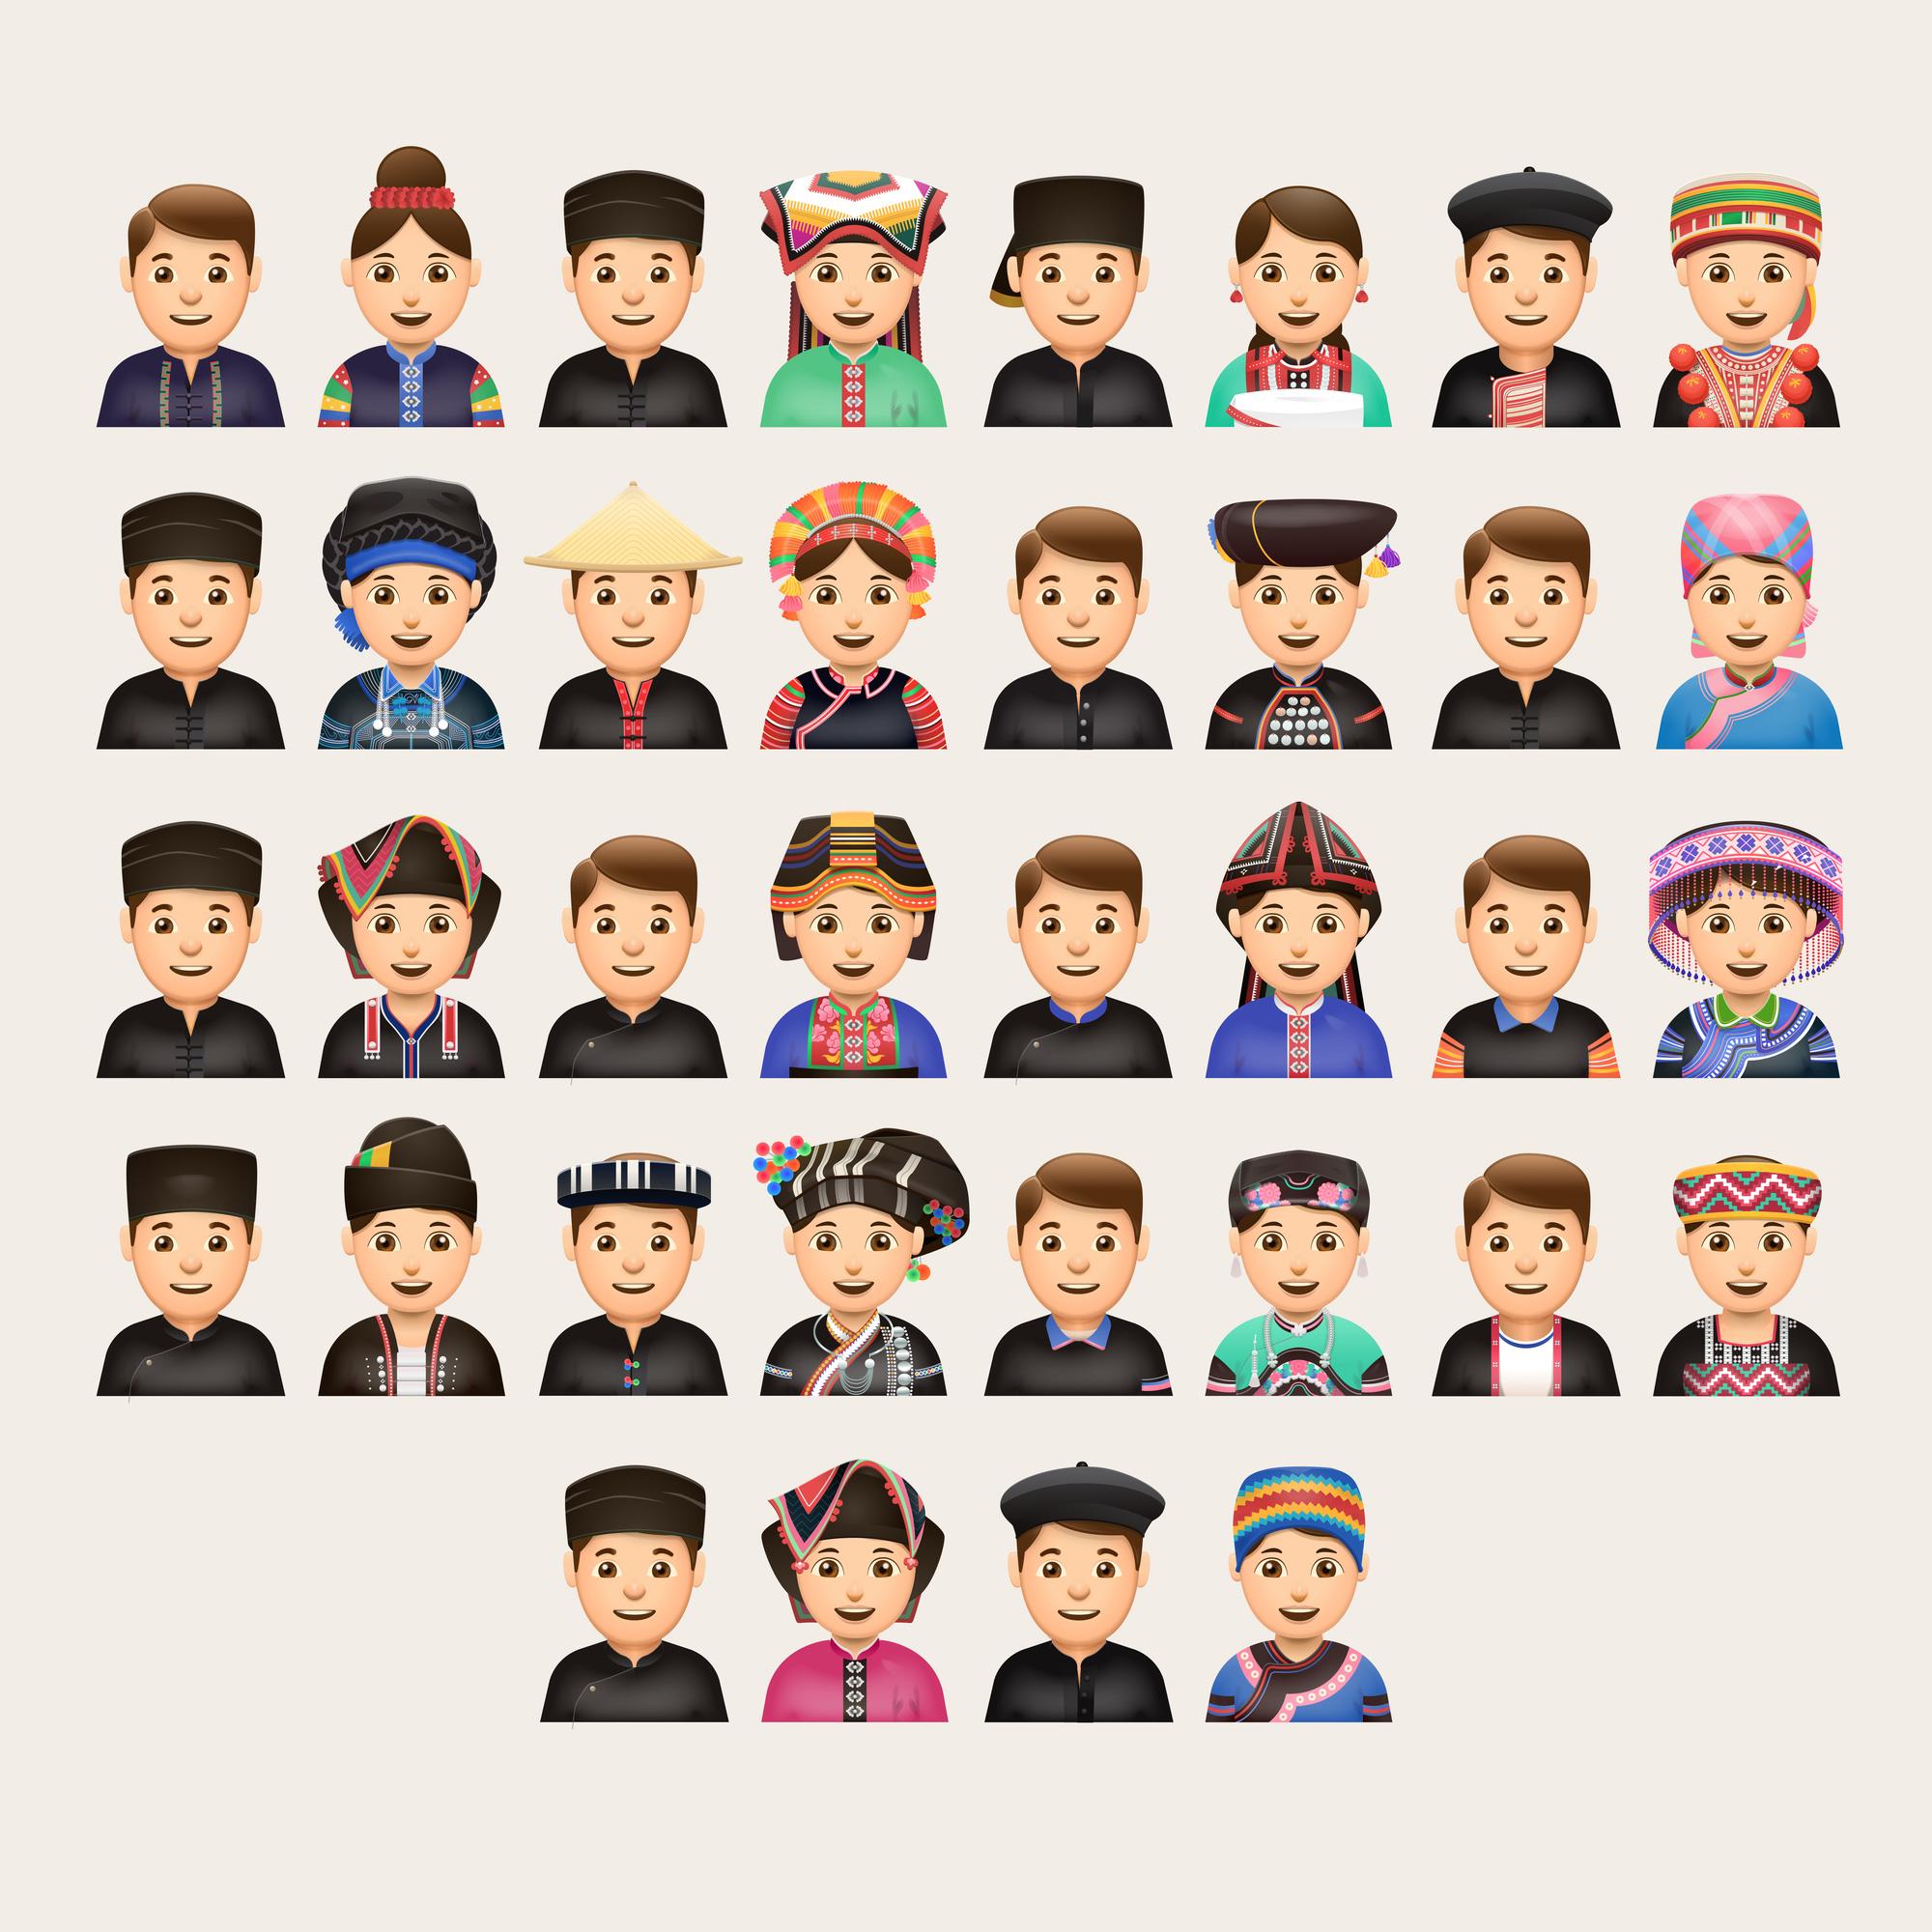 Hình ảnh trang phục 54 dân tộc được Nguyễn Minh Ngọc minh họa bằng những biểu tượng cảm xúc. (Ảnh nhân vật cung cấp)